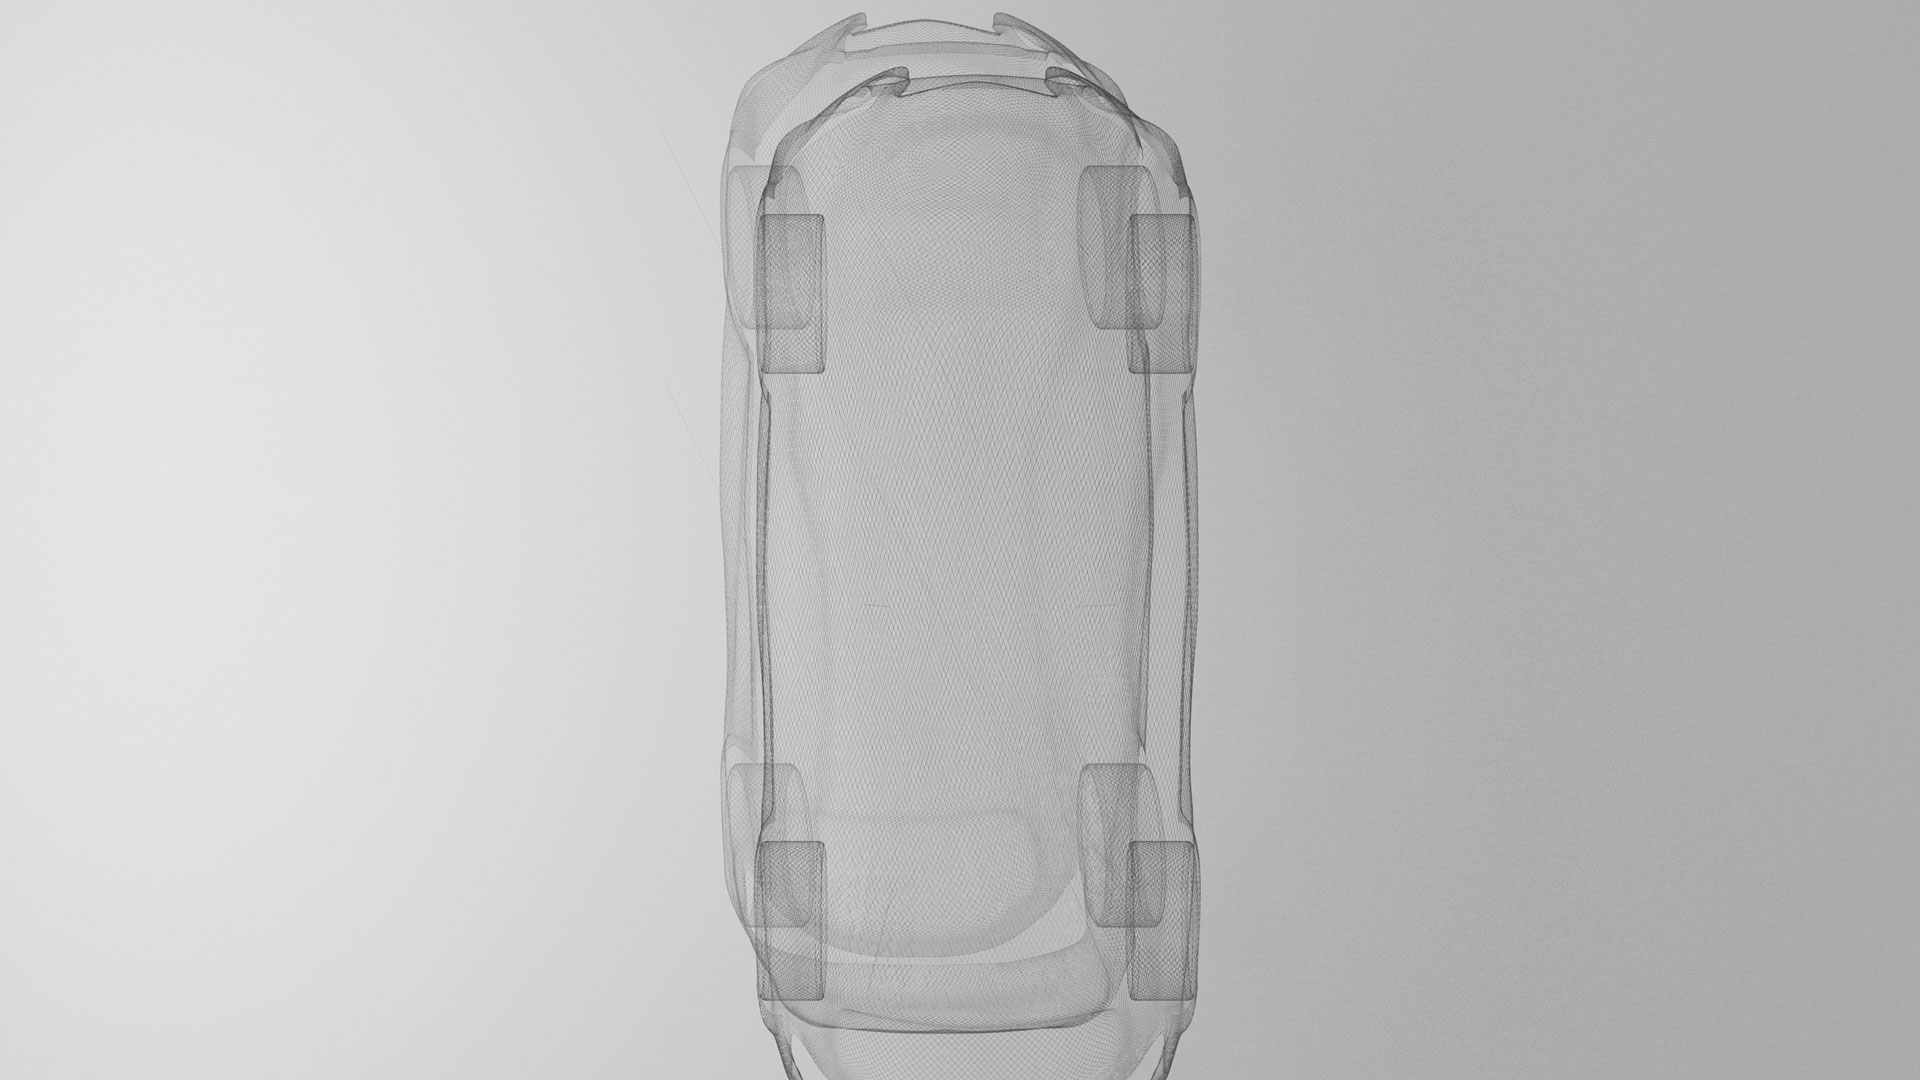 Diseño realizado por Mayice Studio para el concurso Lexus UX Art Car